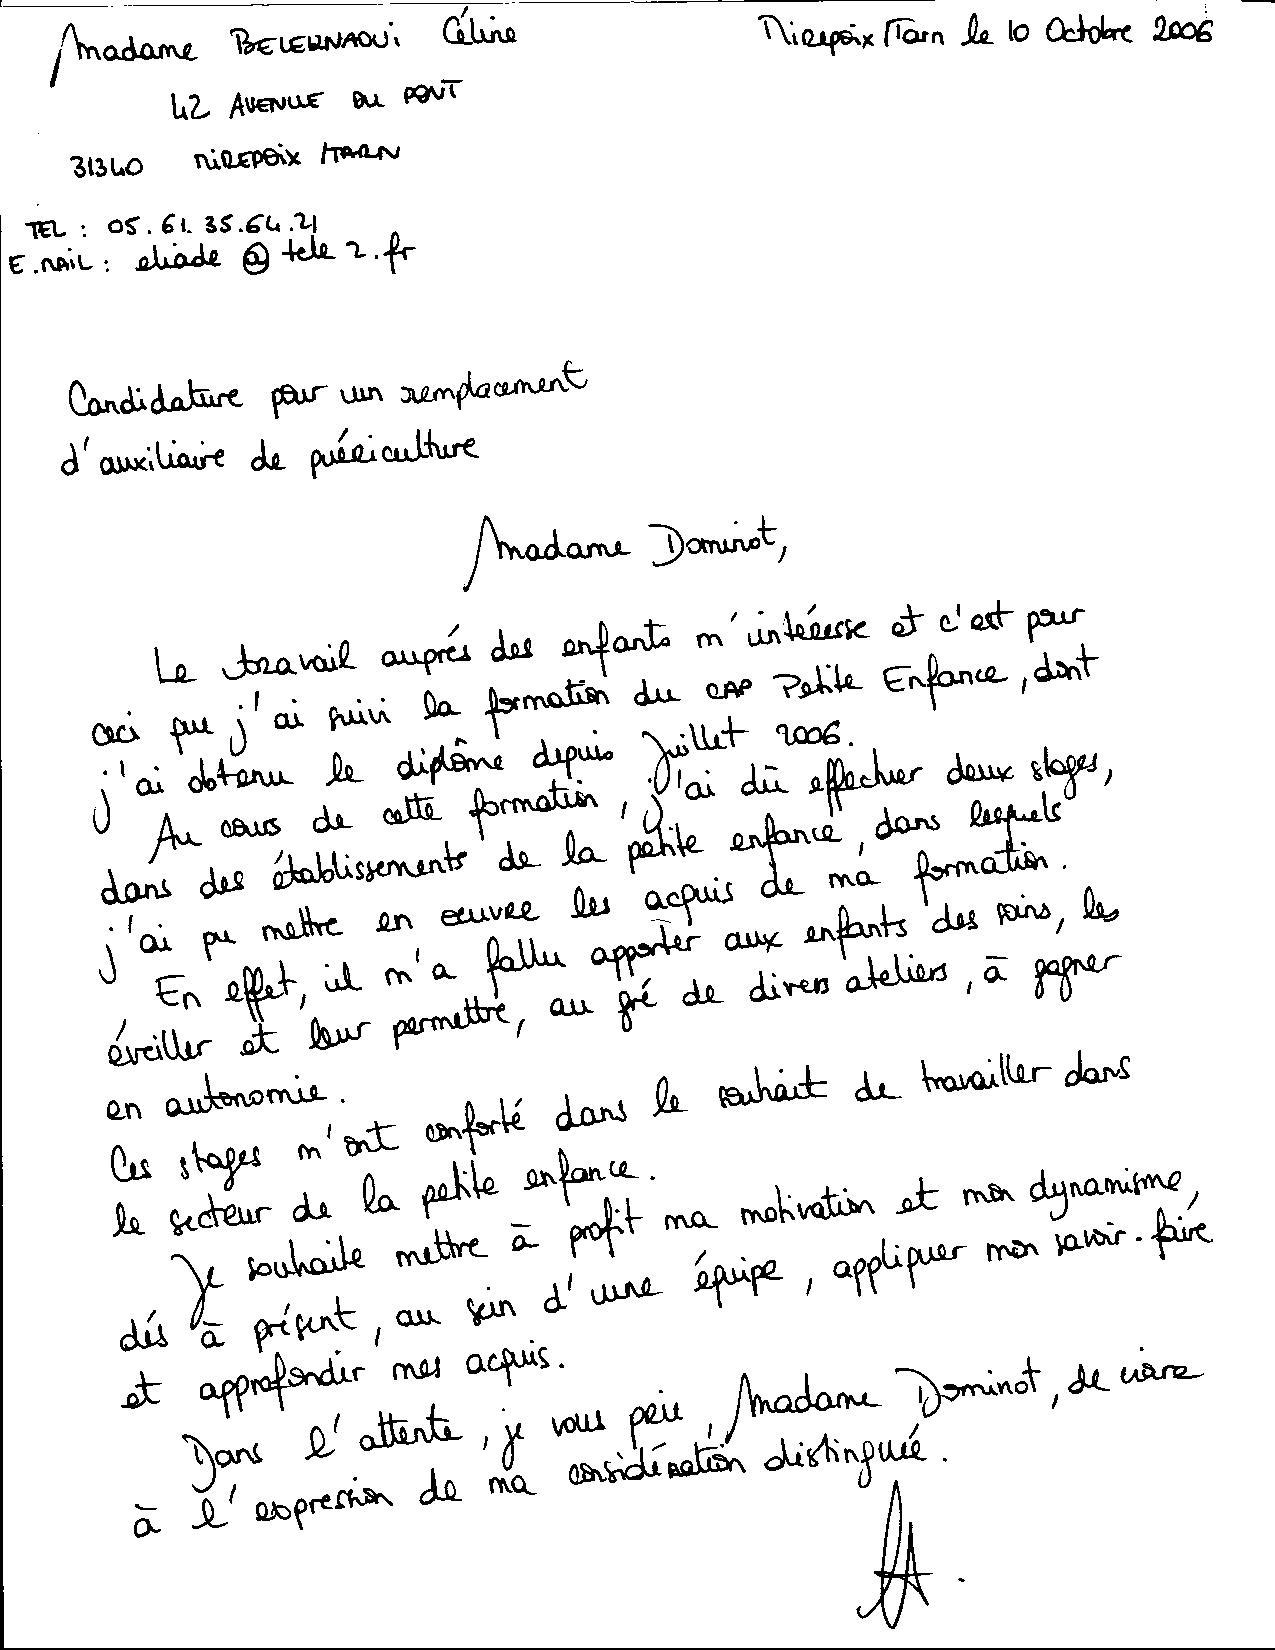 Exemple De Lettre De Motivation Pour Un Poste En Maison De Retraite Document Juridique